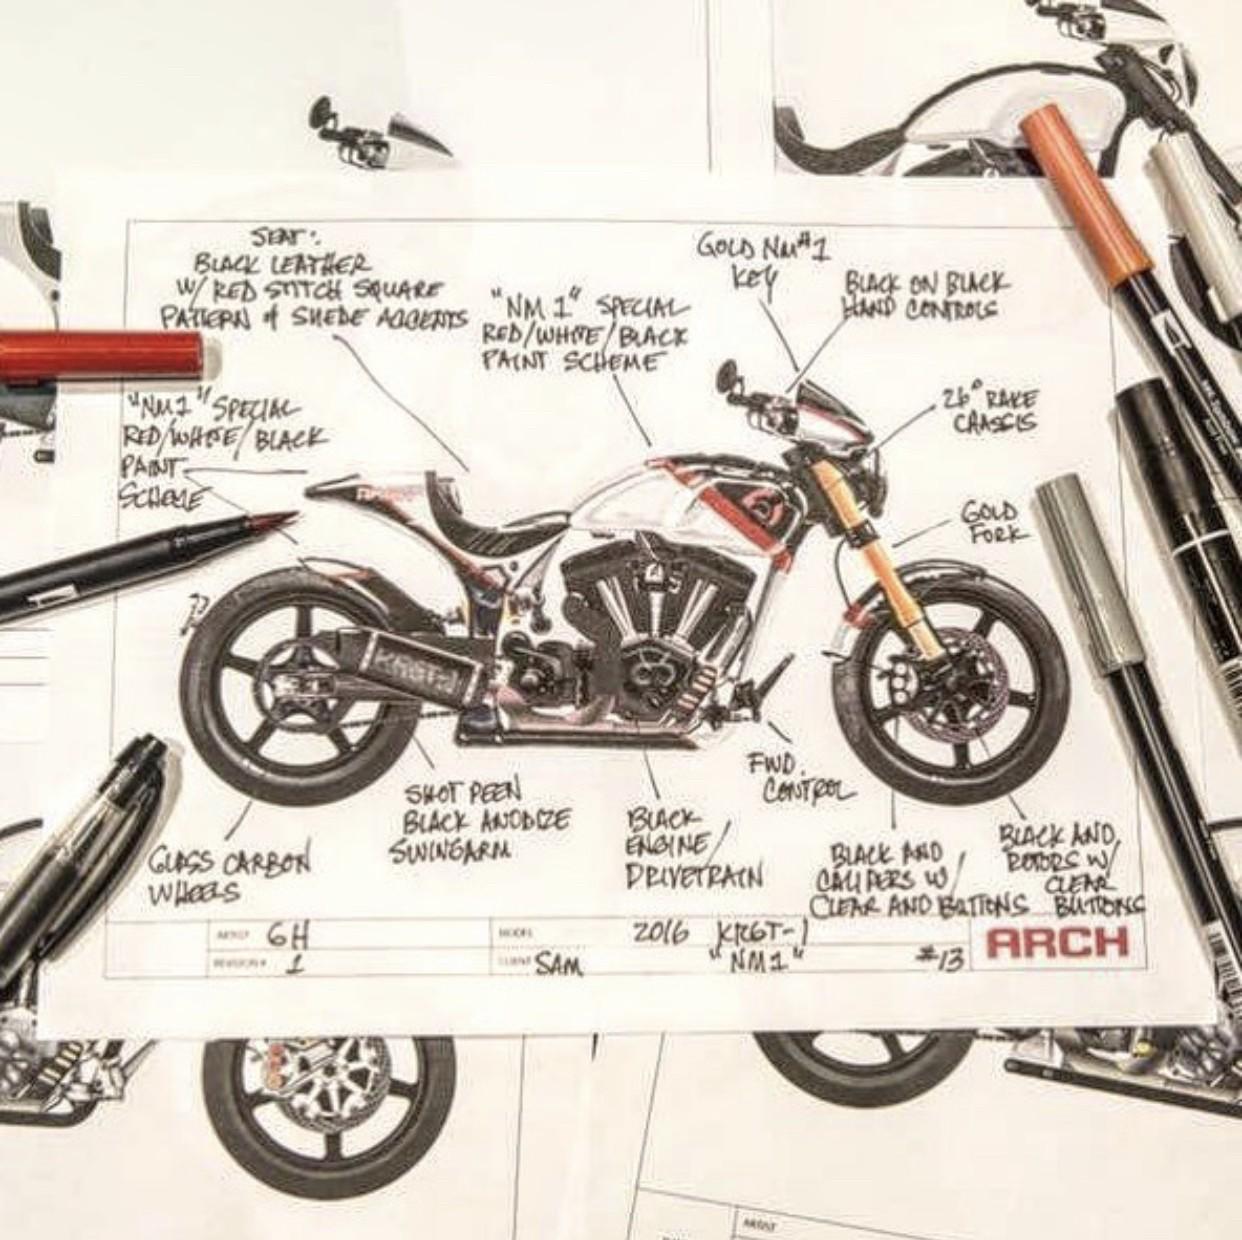 9DFA4EE8-A3D2-41FB-A314-CD492C3A6EE0 - Jordanmastagni - Motocross Pictures - Vital MX